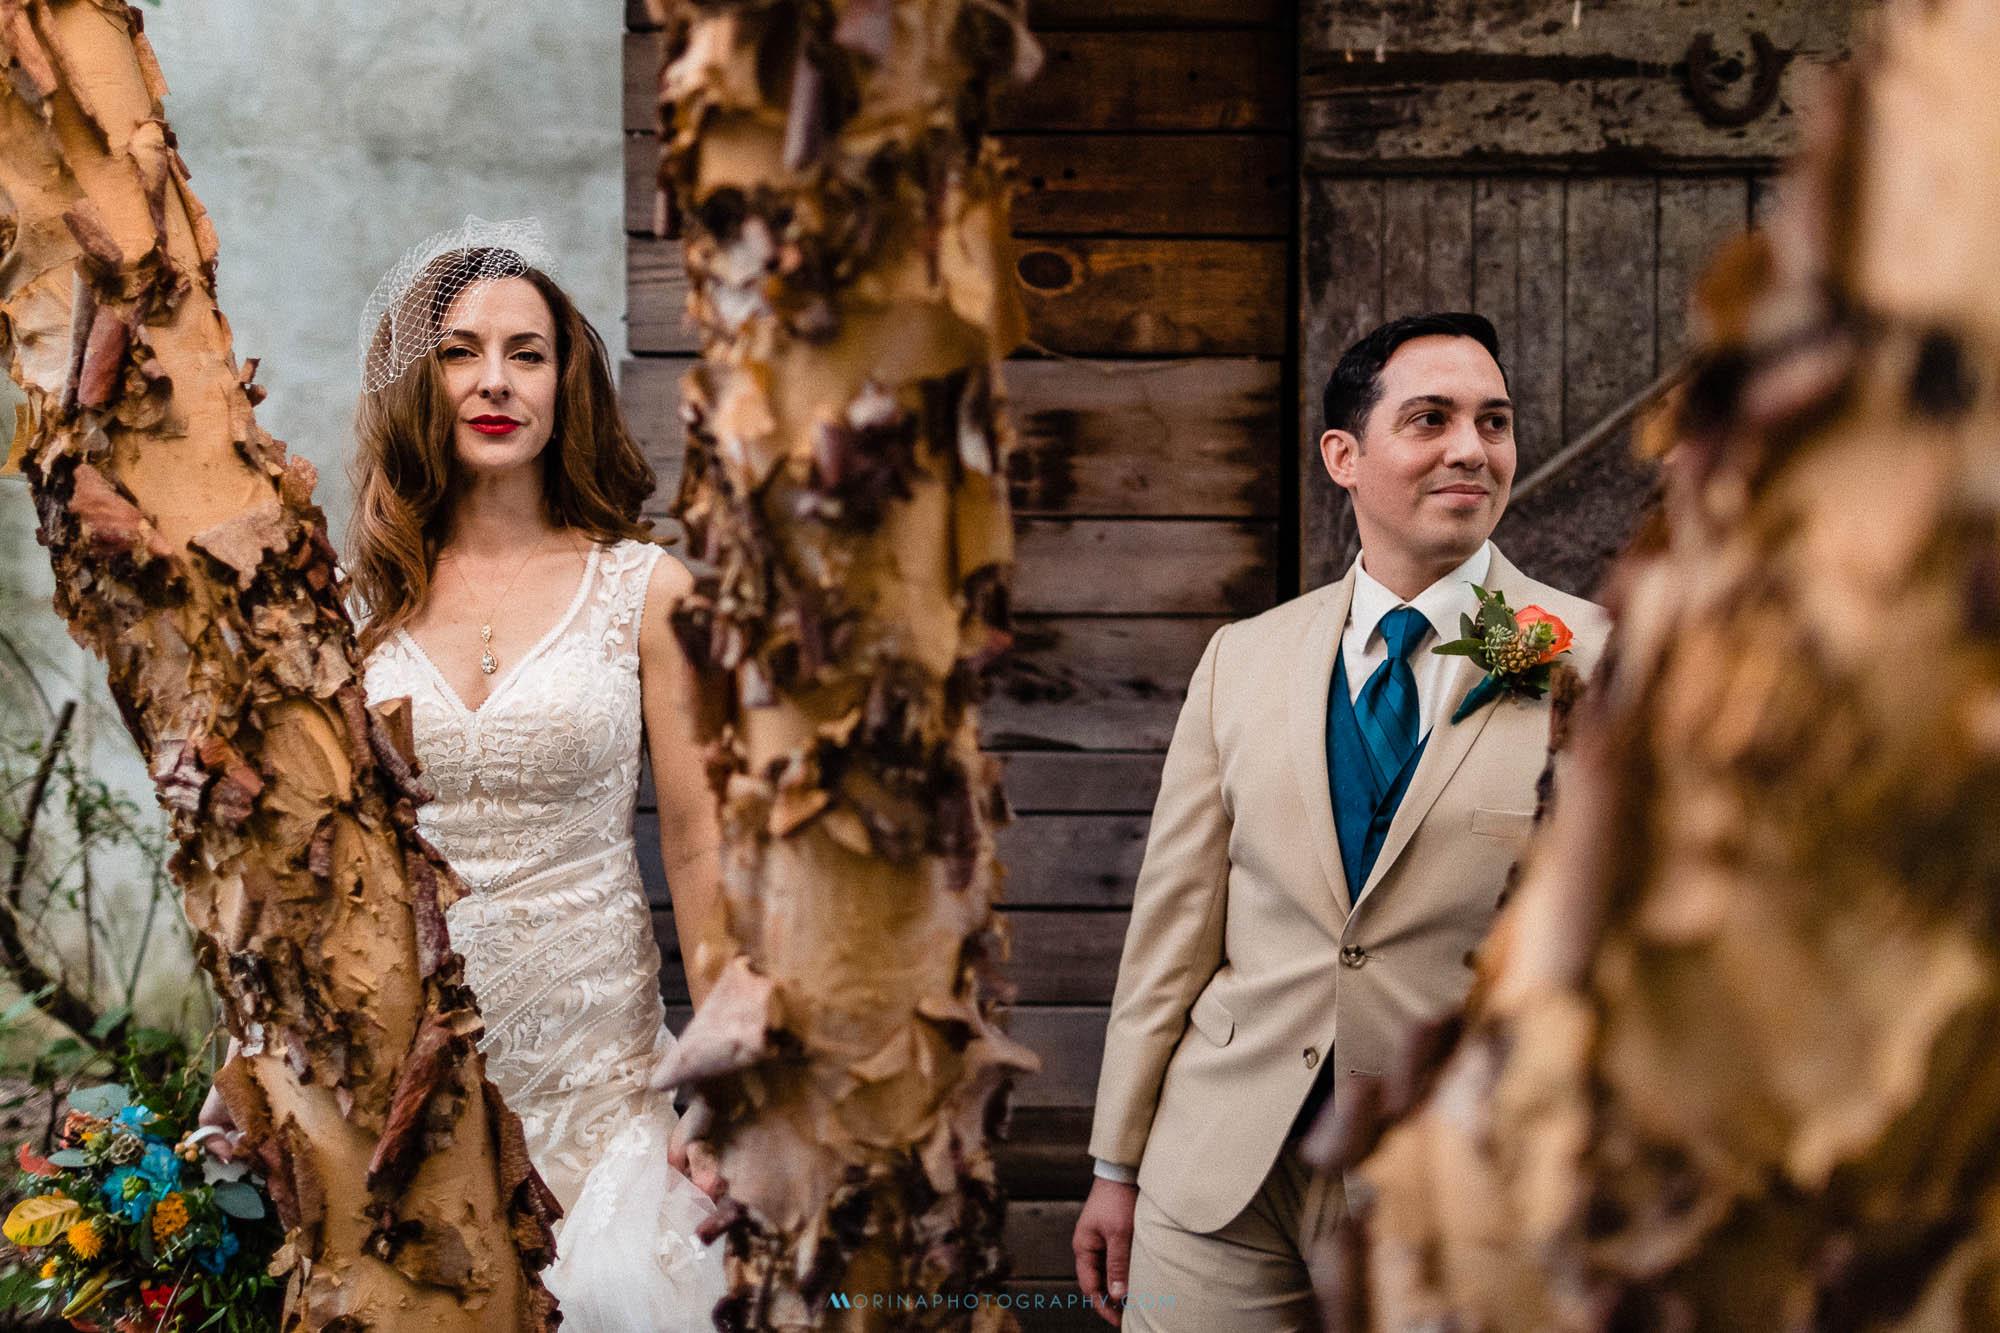 Katrina & Moses wedding at Maas Building 0028.jpg